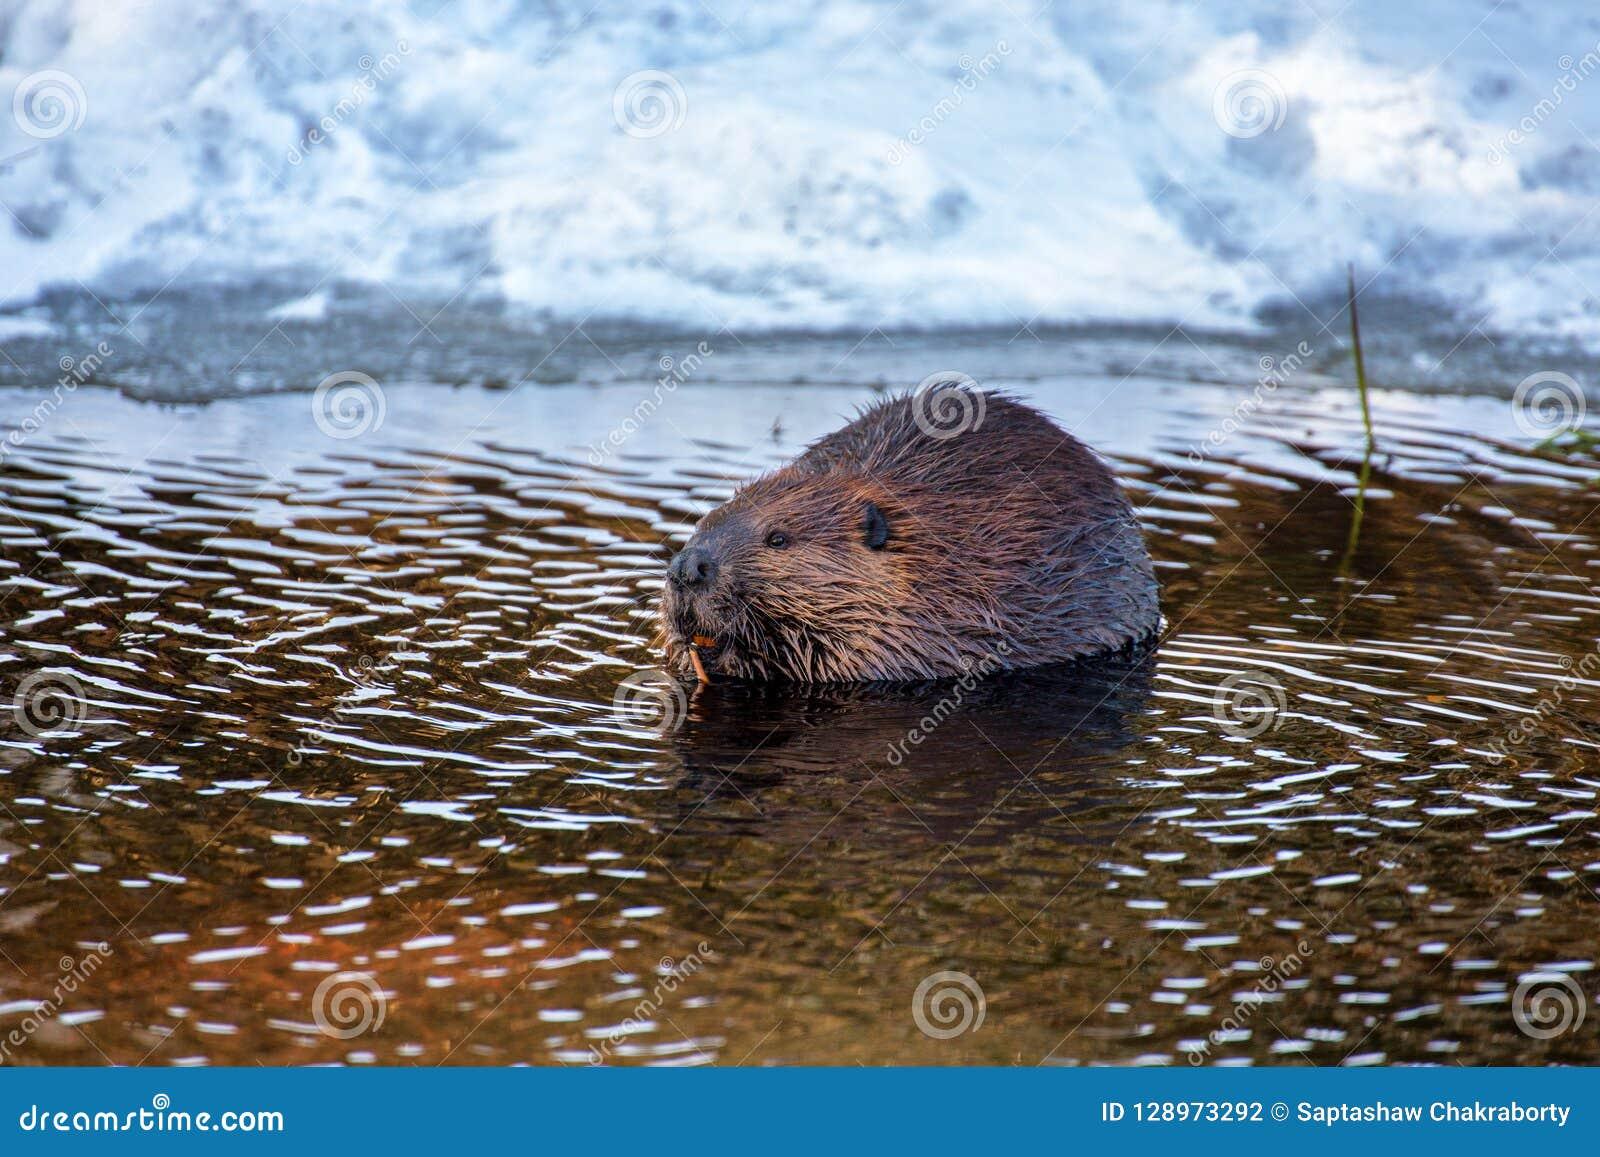 Un castor snacking sur un bâton dans l eau